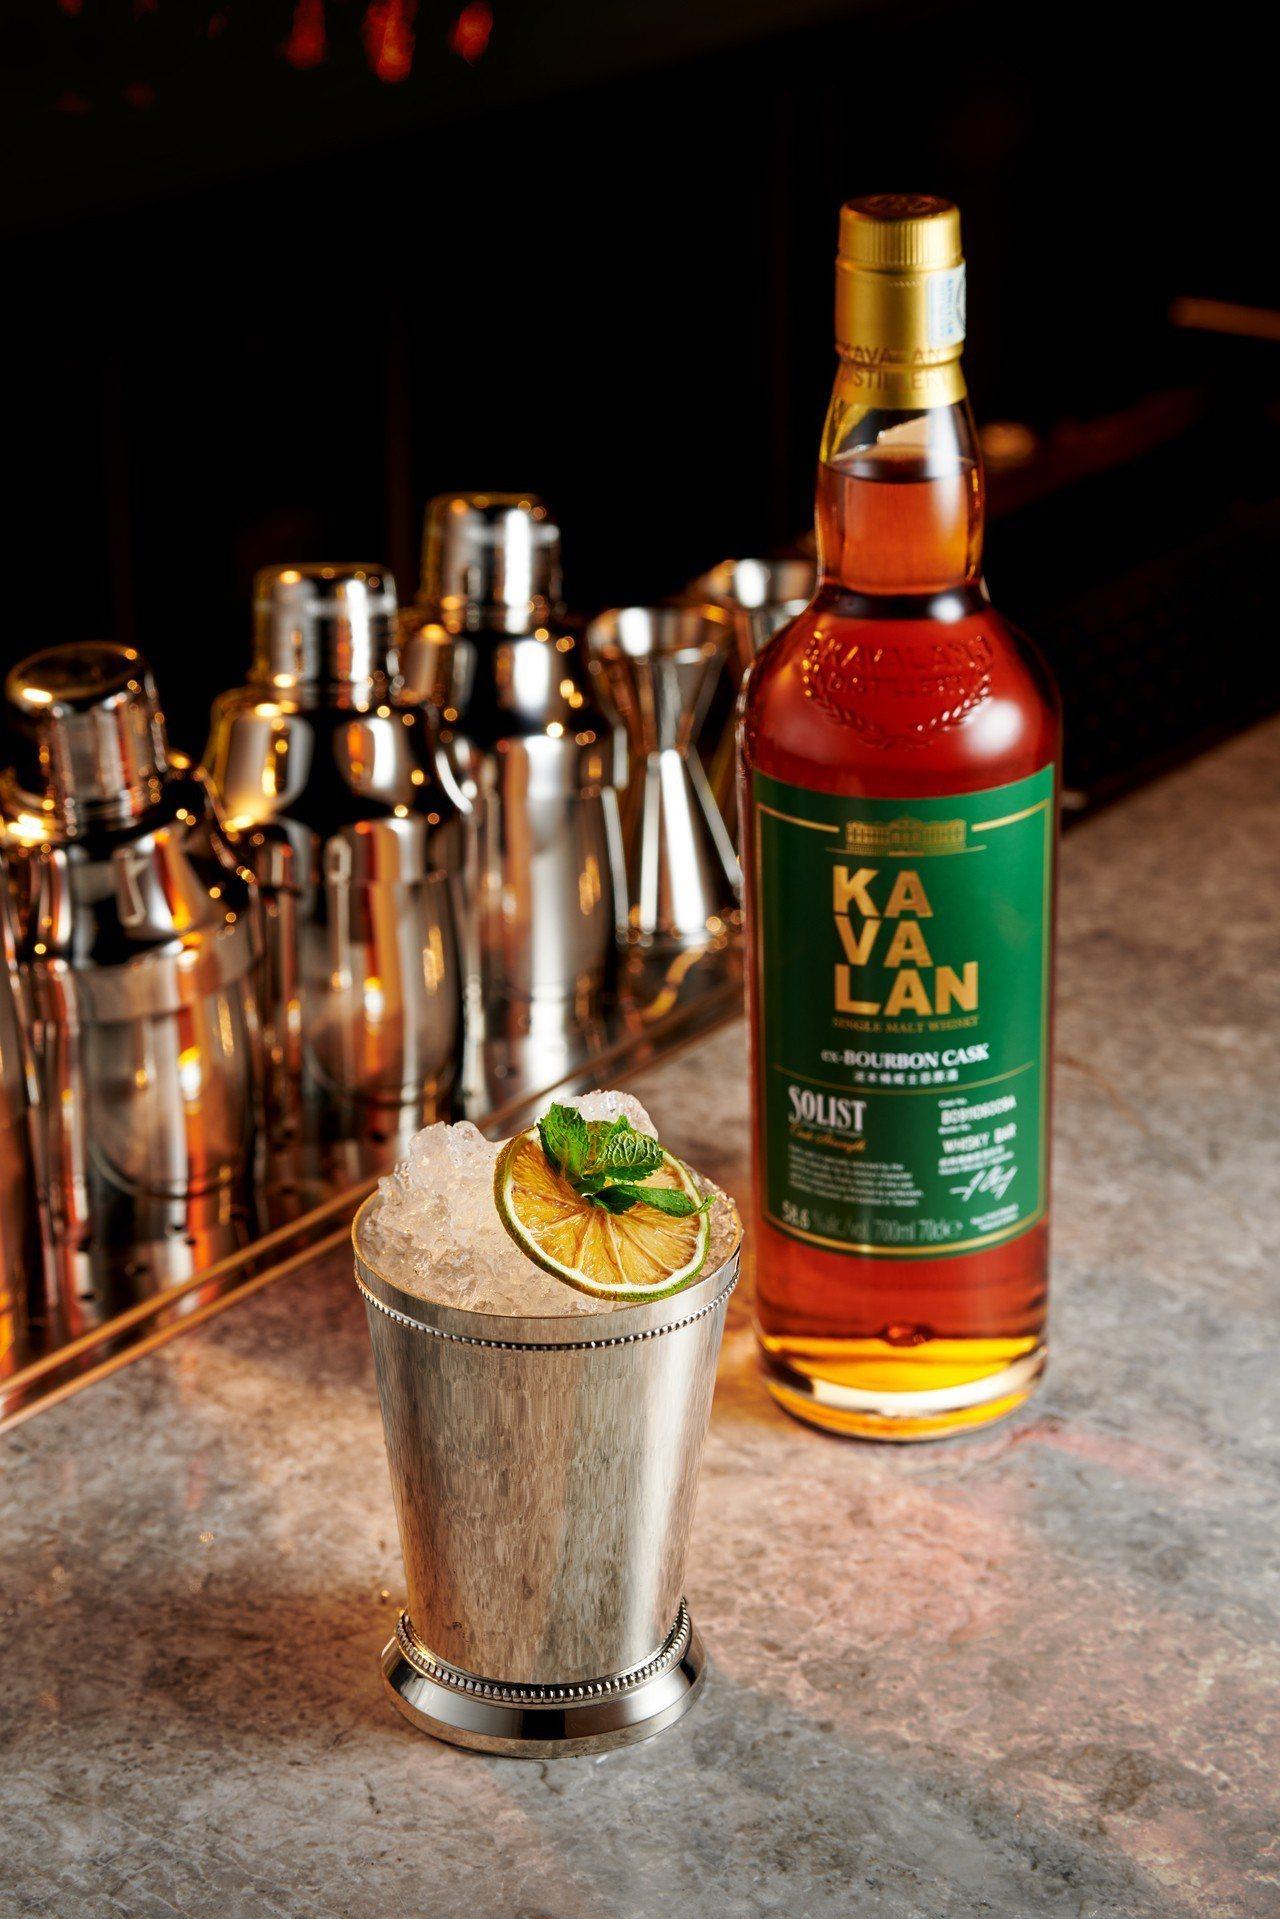 使用榮獲三座世界冠軍獎盃的噶瑪蘭經典獨奏波本桶威士忌原酒為基底調製的「Mint ...